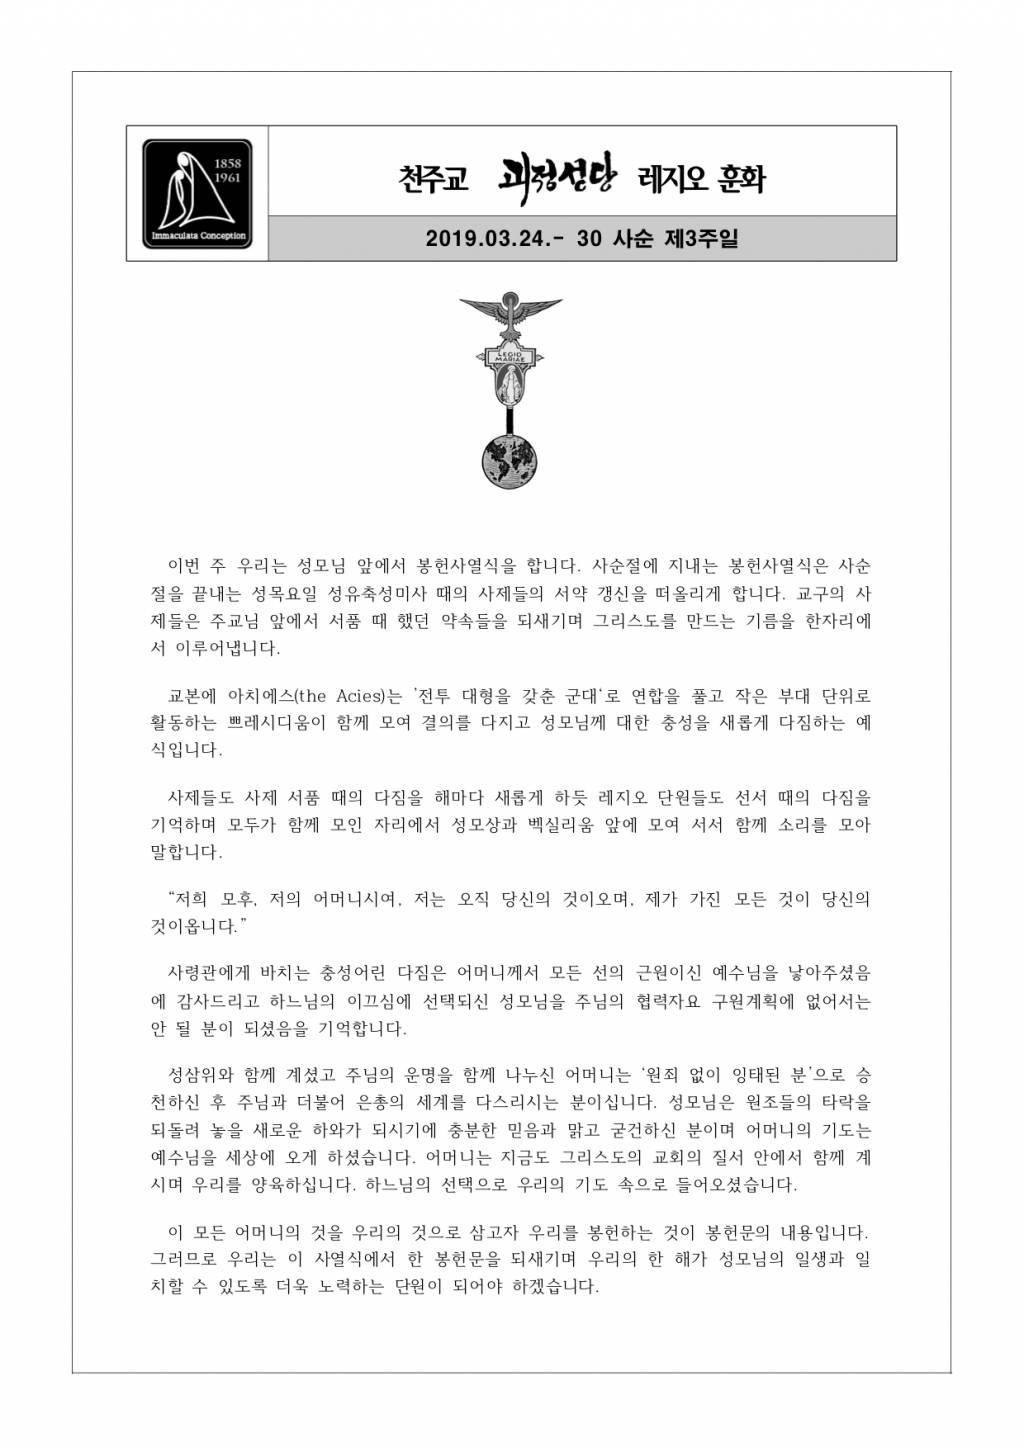 20190324 괴정성당 레지오 훈화.jpg